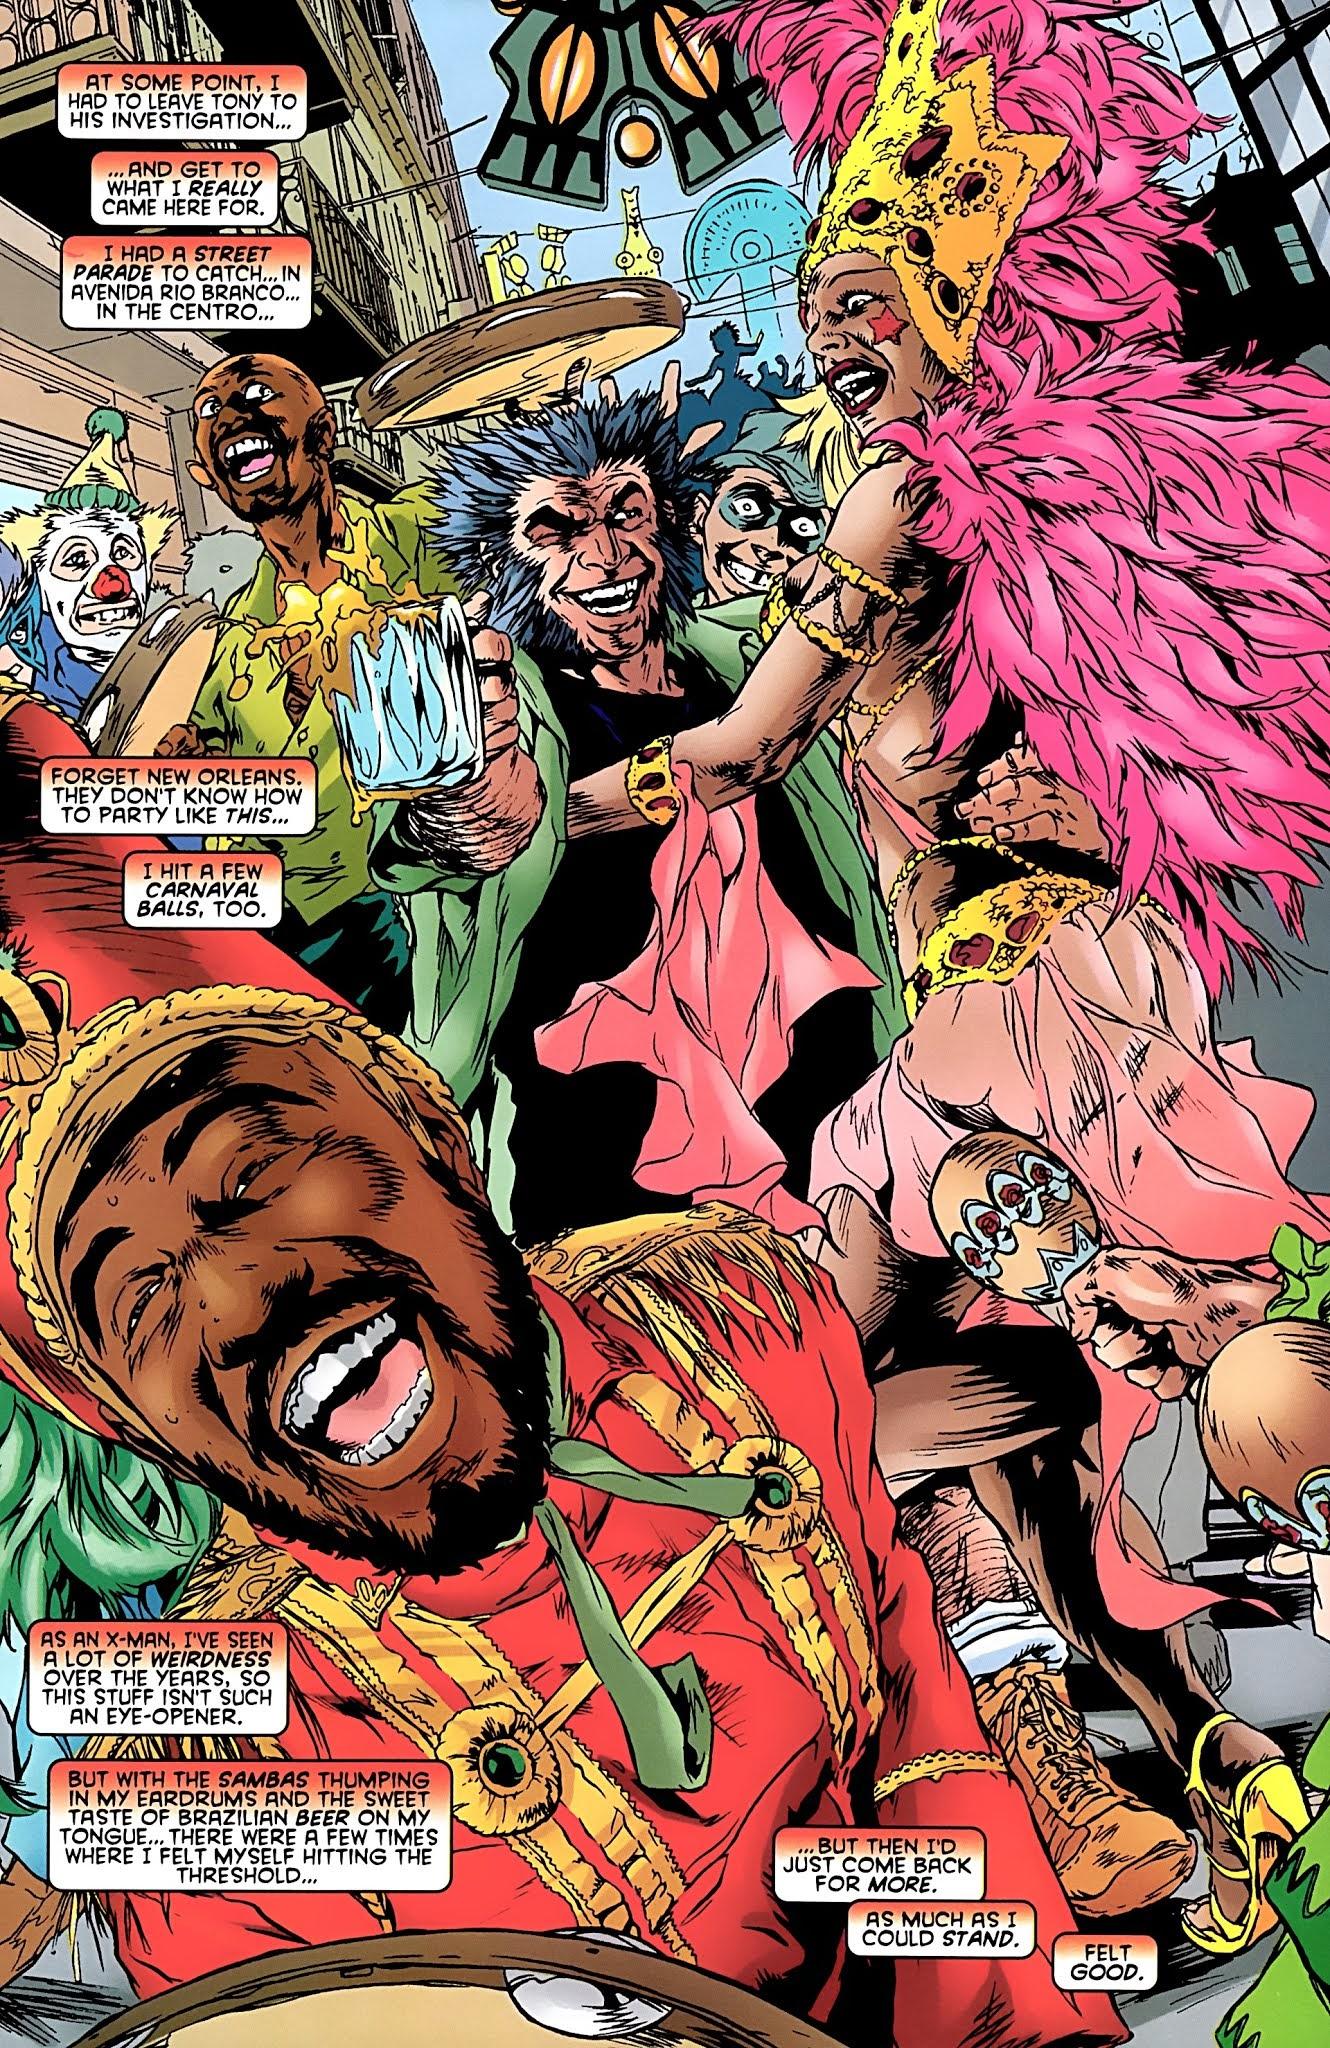 MEMÓRIA EM QUADRINHOS: O dia em que Wolverine foi curtir o Carnaval no Rio de Janeiro